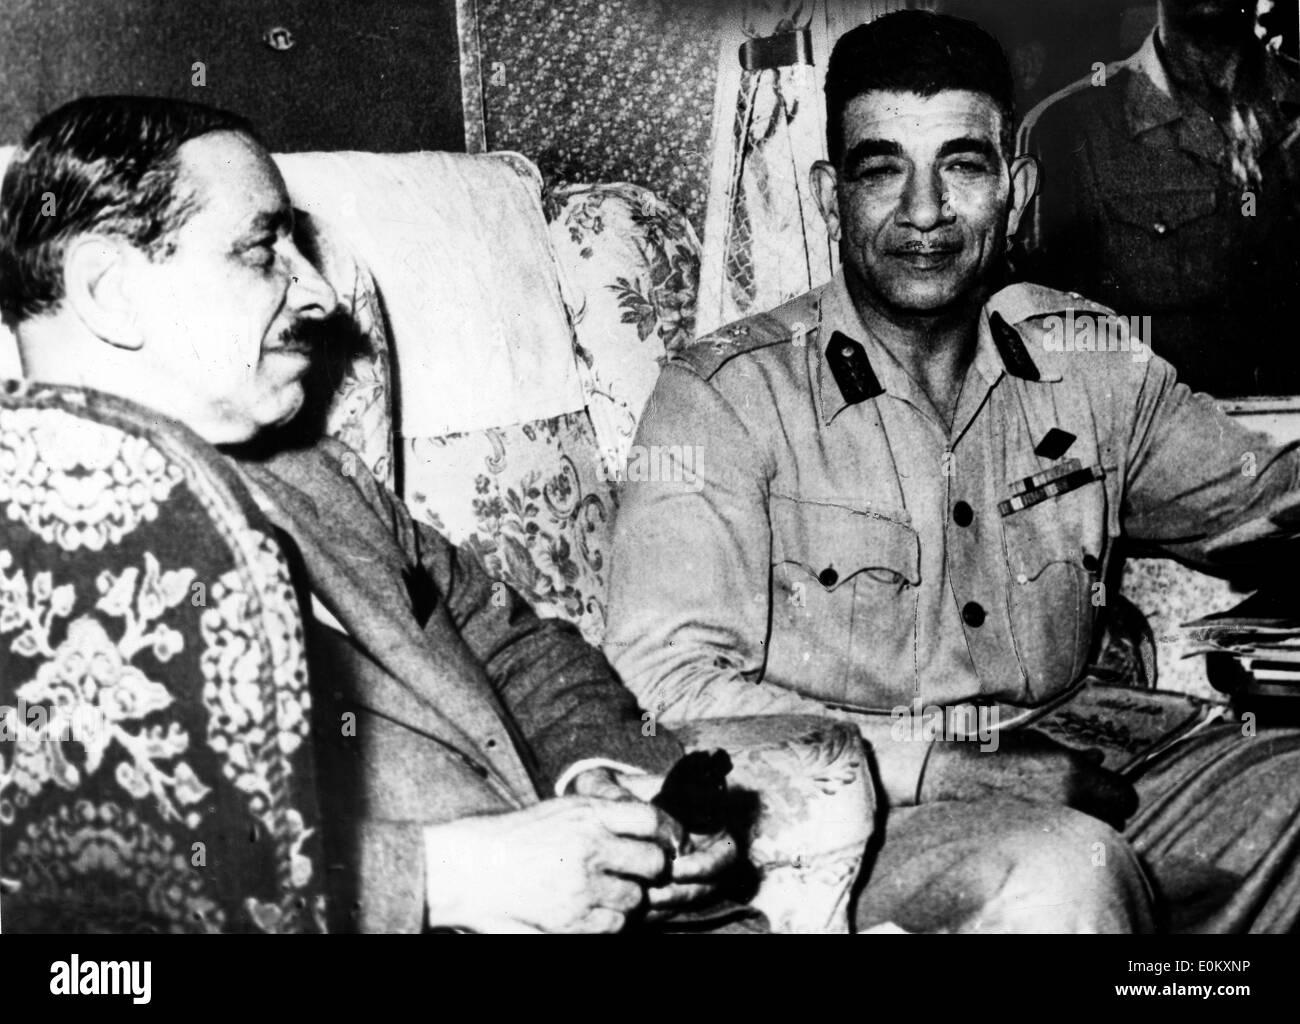 President of Egypt Muhammad Naguib - Stock Image